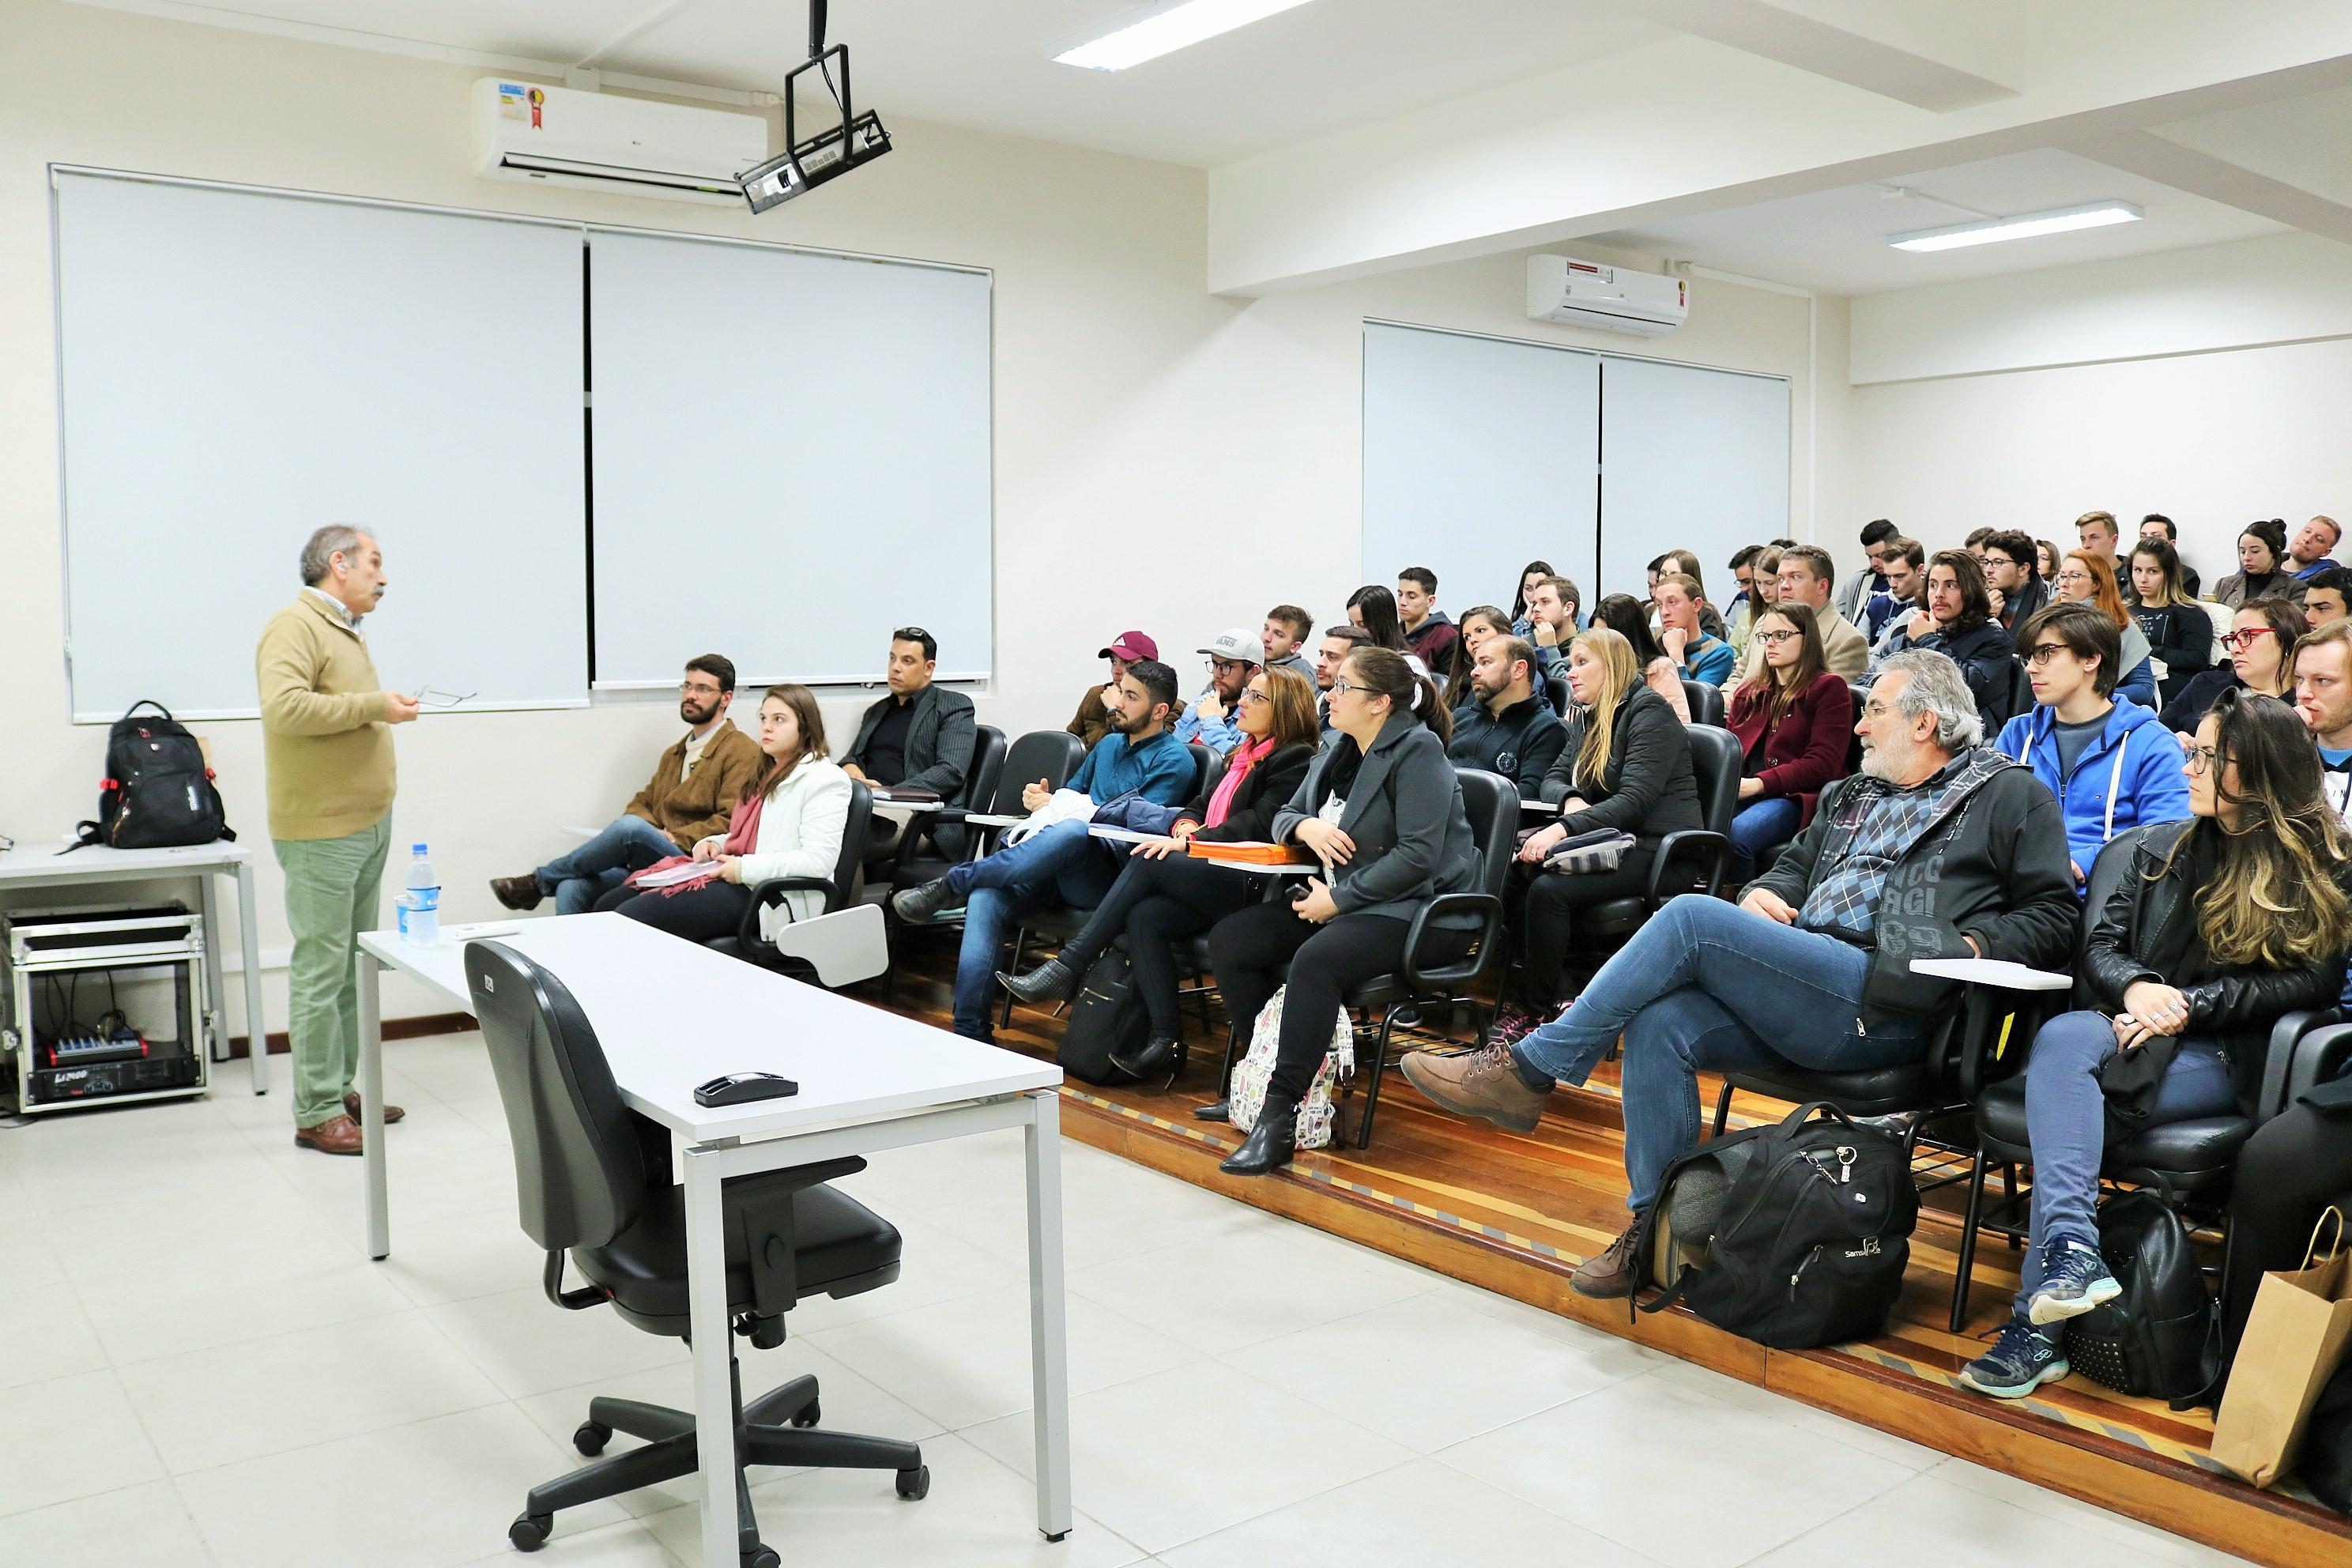 palestra-luiz-carvalho-diretor-grupo-guanabara-curso-administração